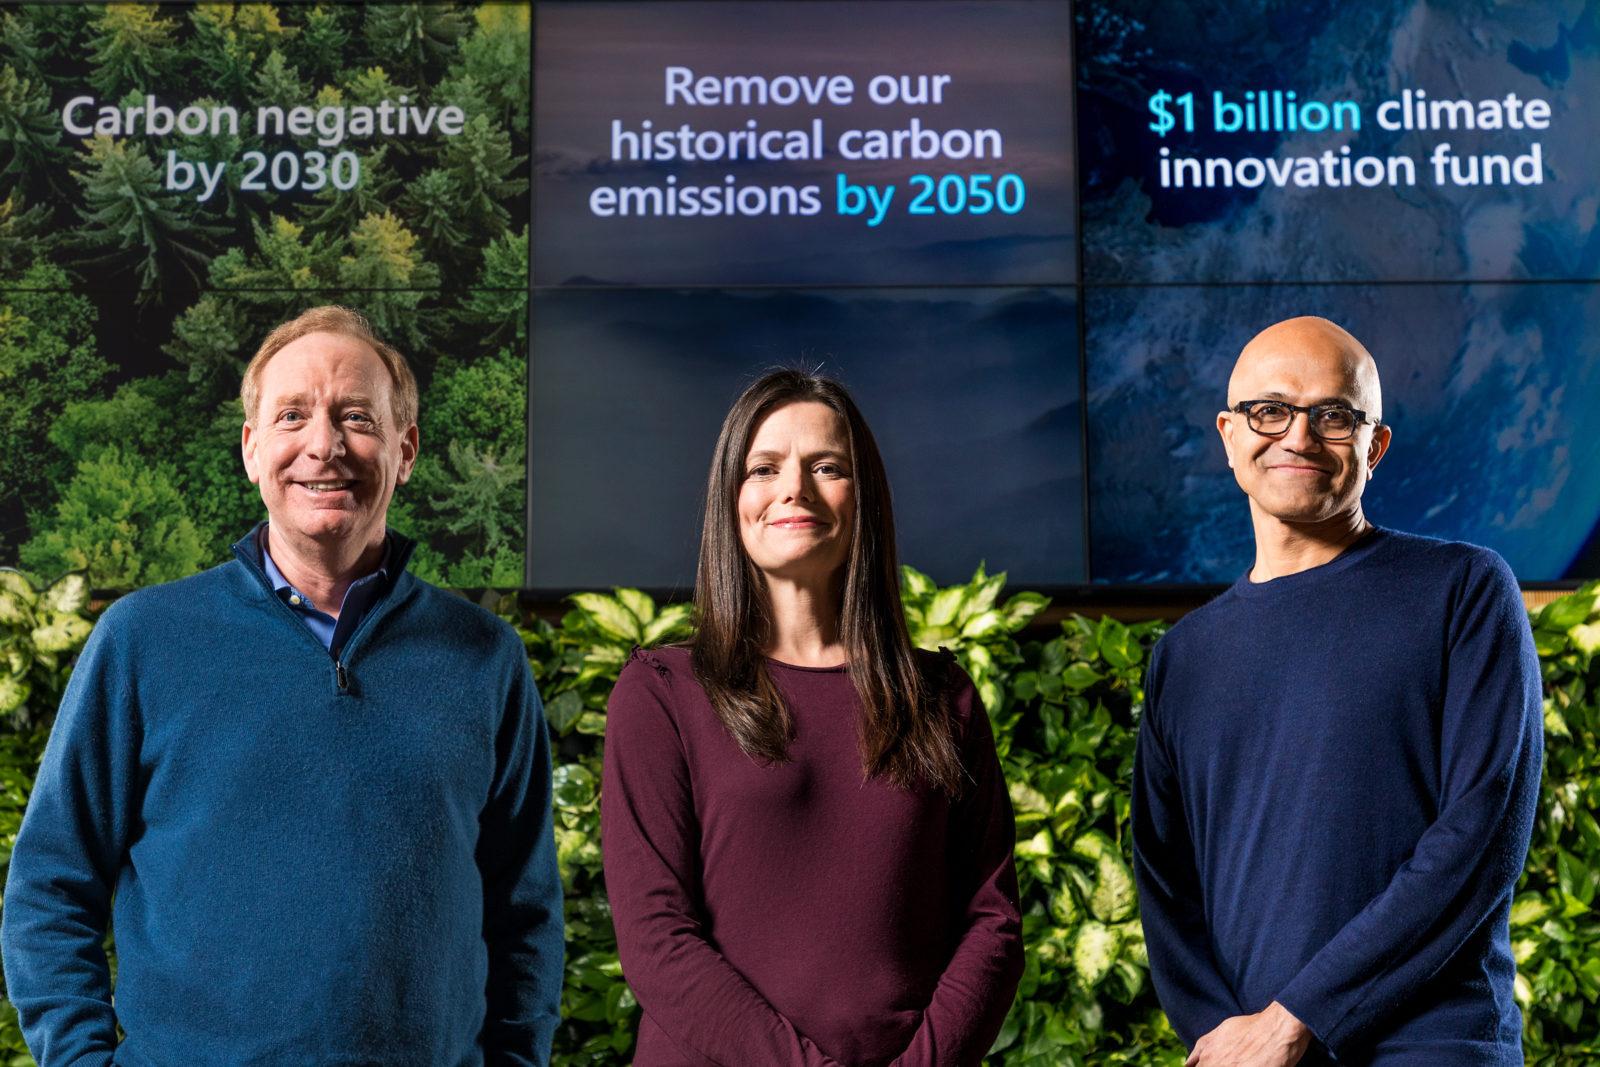 Microsoft полностью перейдет на отрицательный уровень выброса углерода к 2030 году - 1